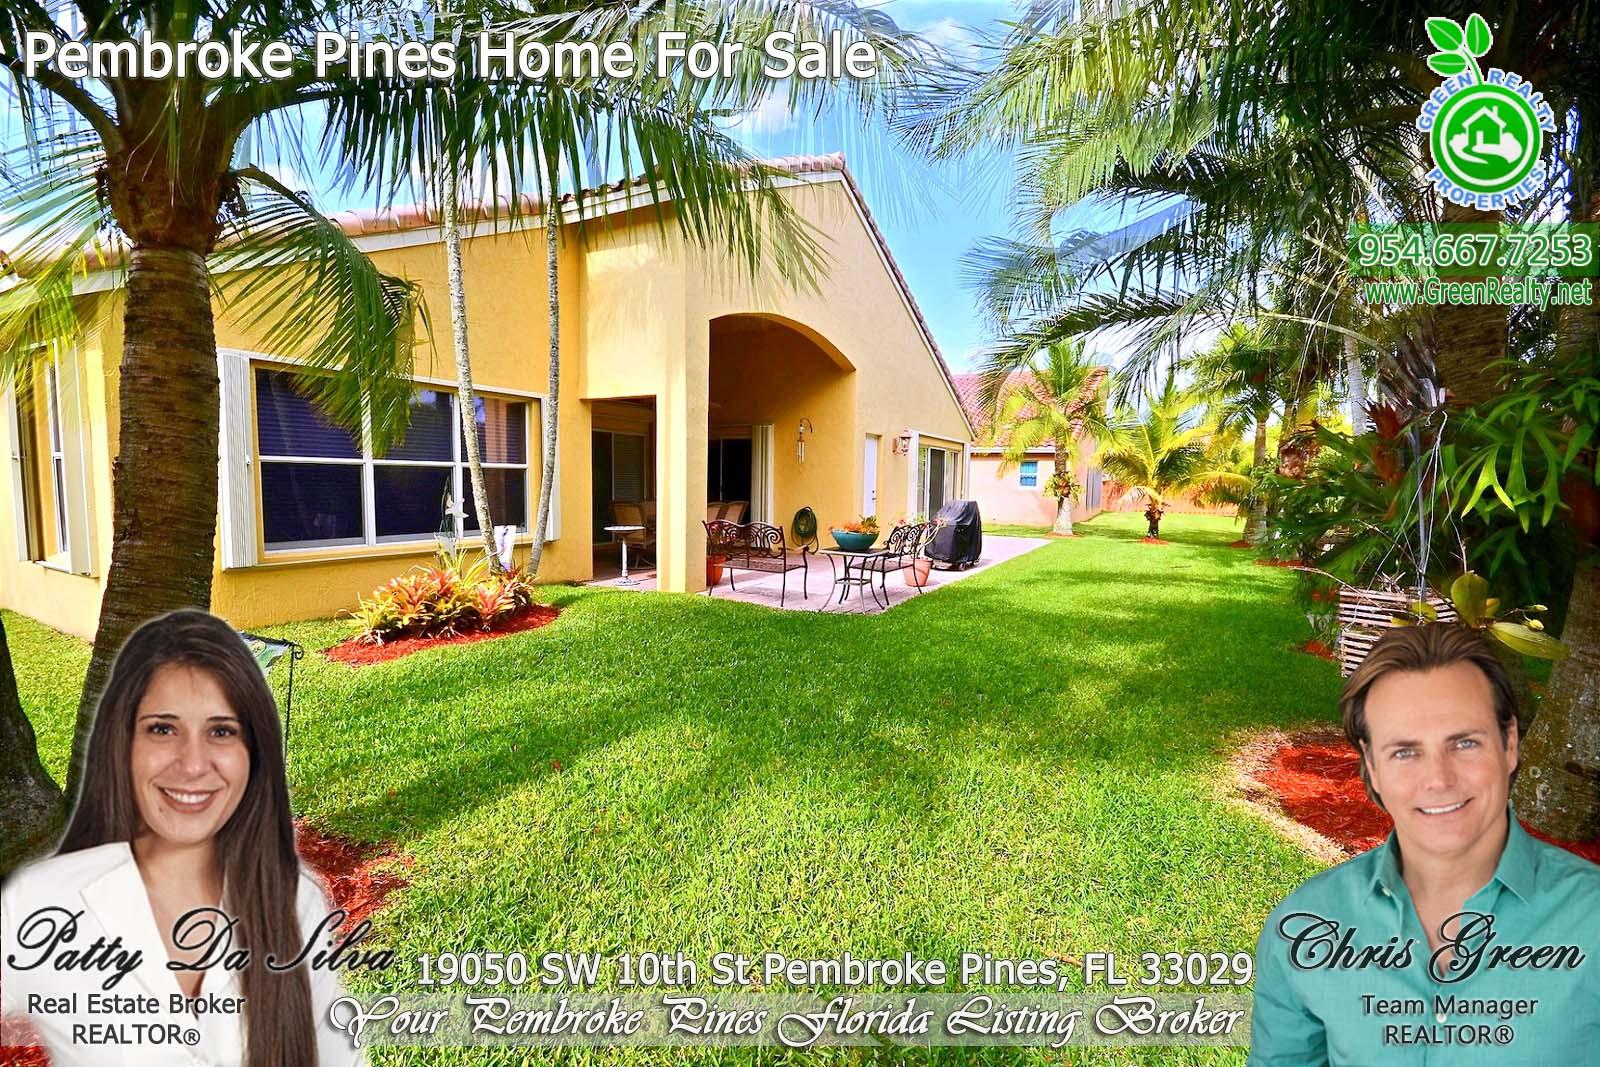 29 Encantada Homes For Sale on Pembroke Pines (4)